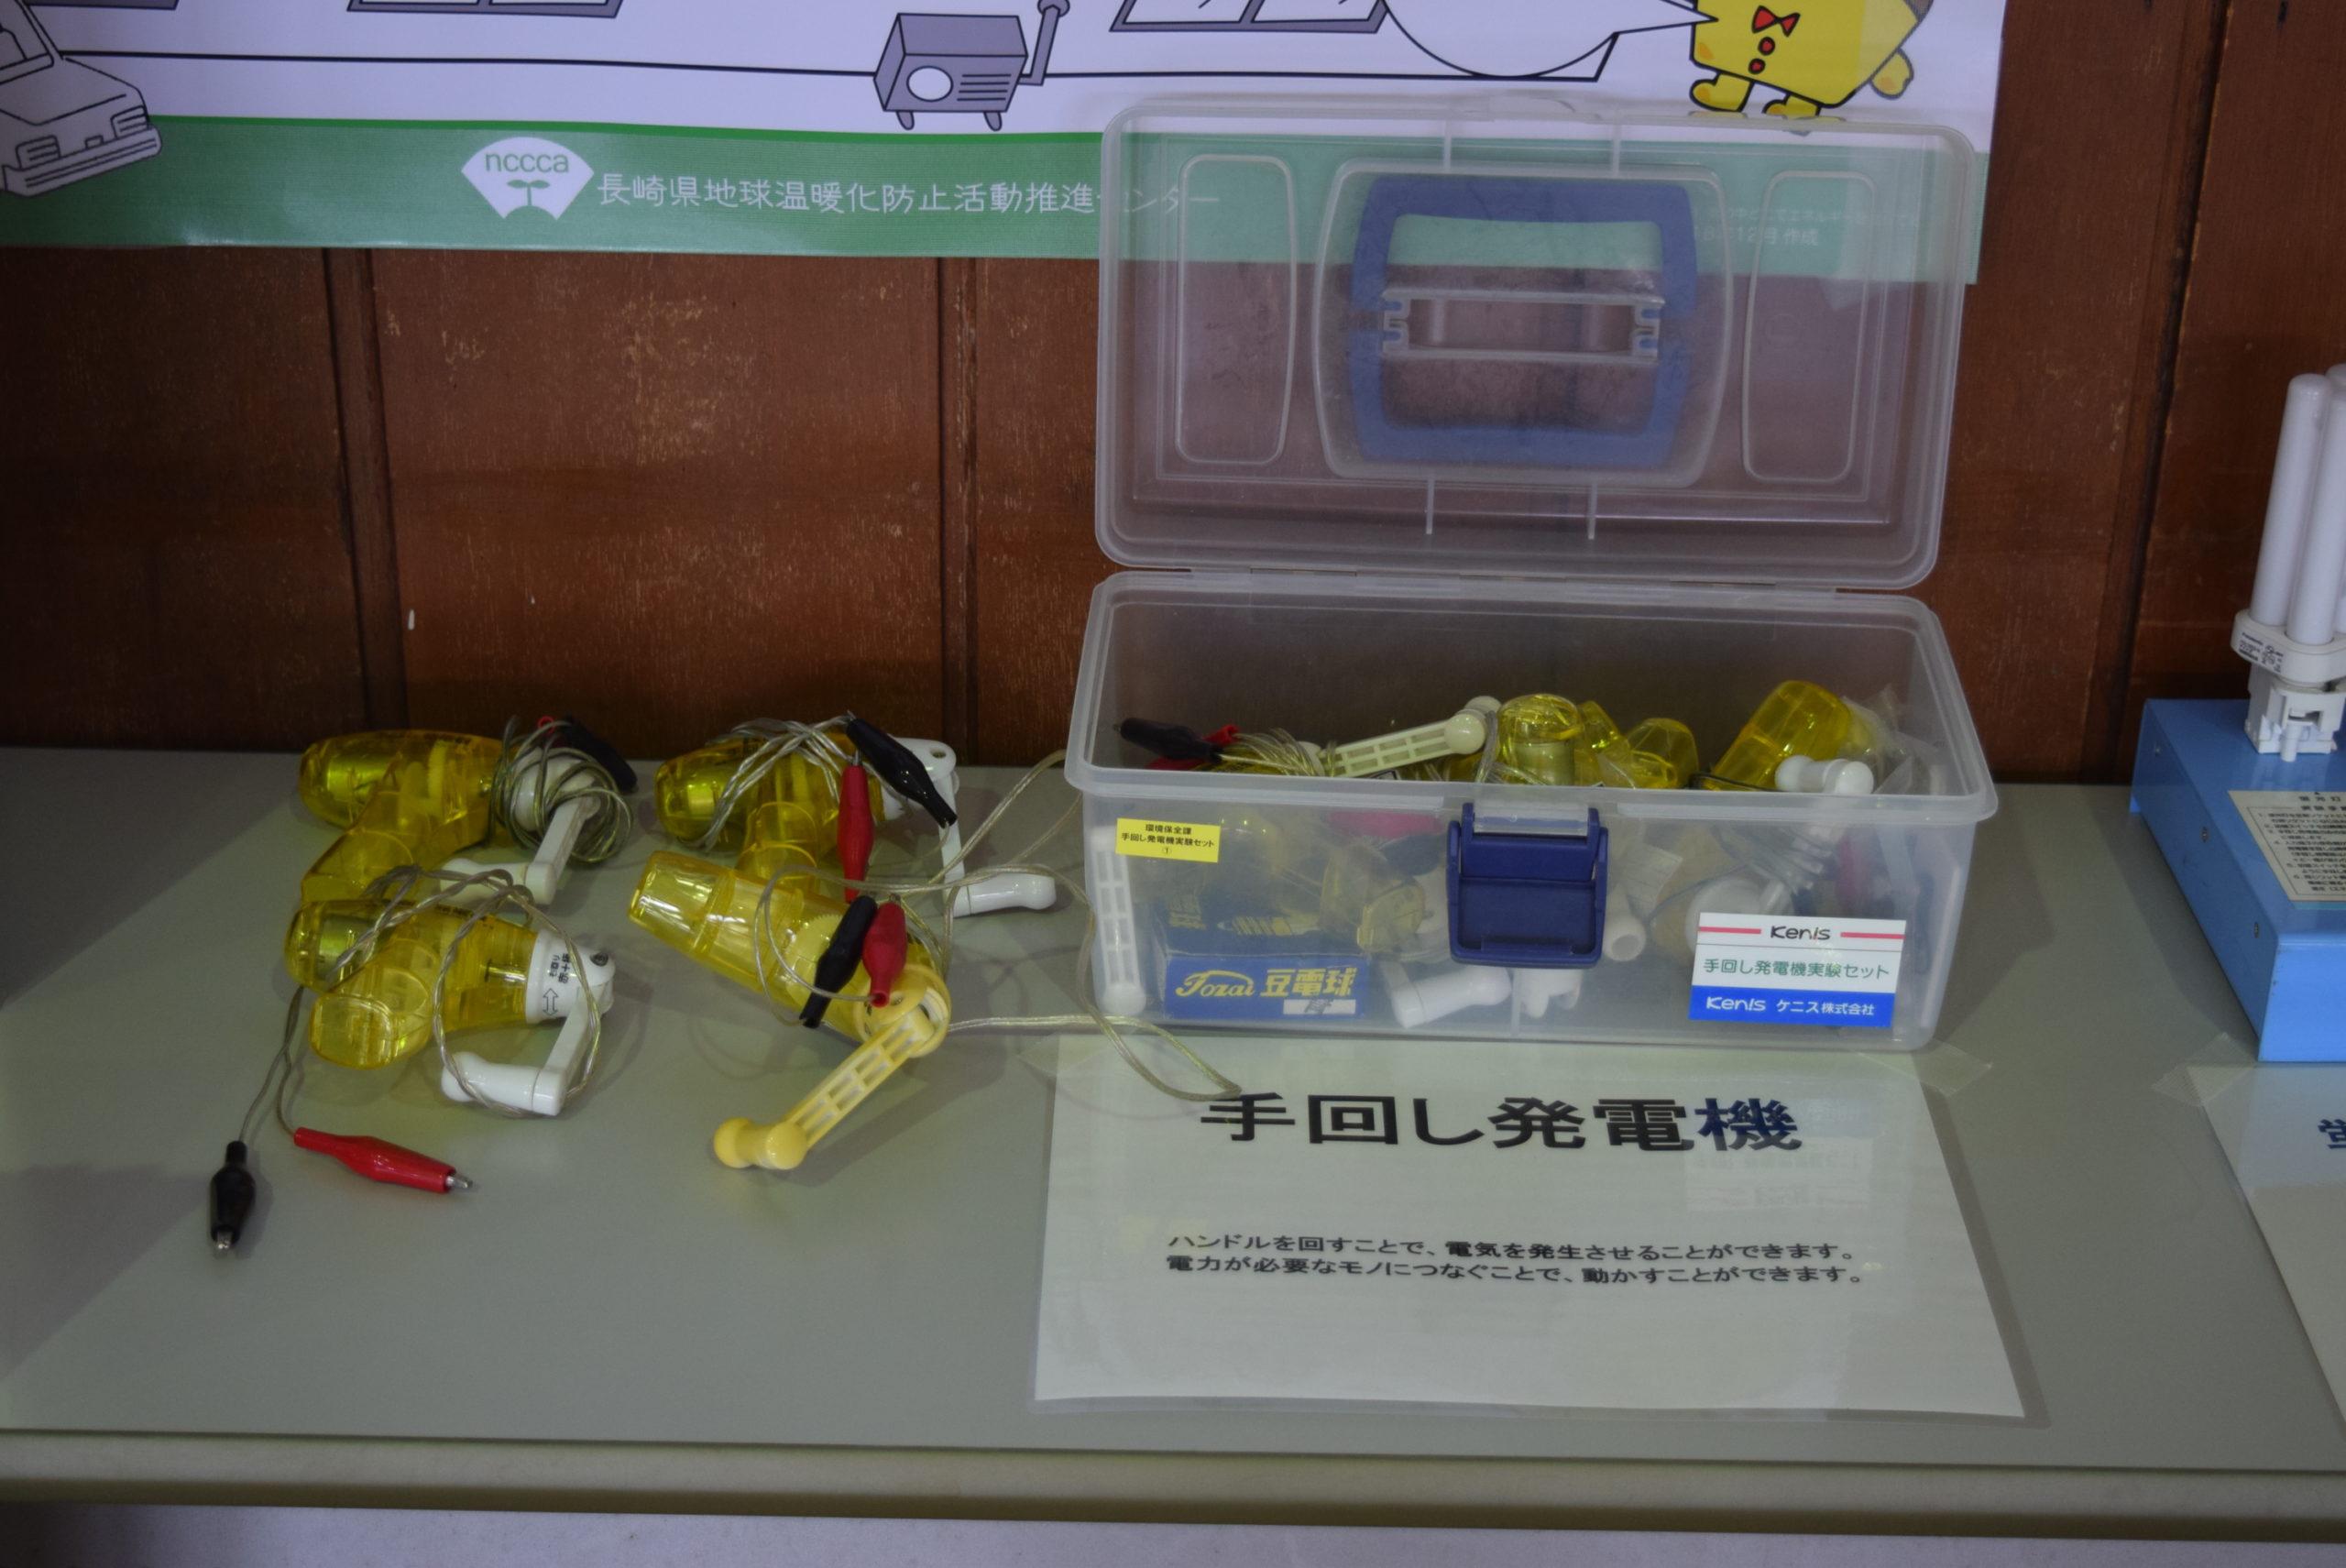 手回し発電機:あらゆる電気実験装置で利用できる、手動発電装置です。左利き対応もあります。